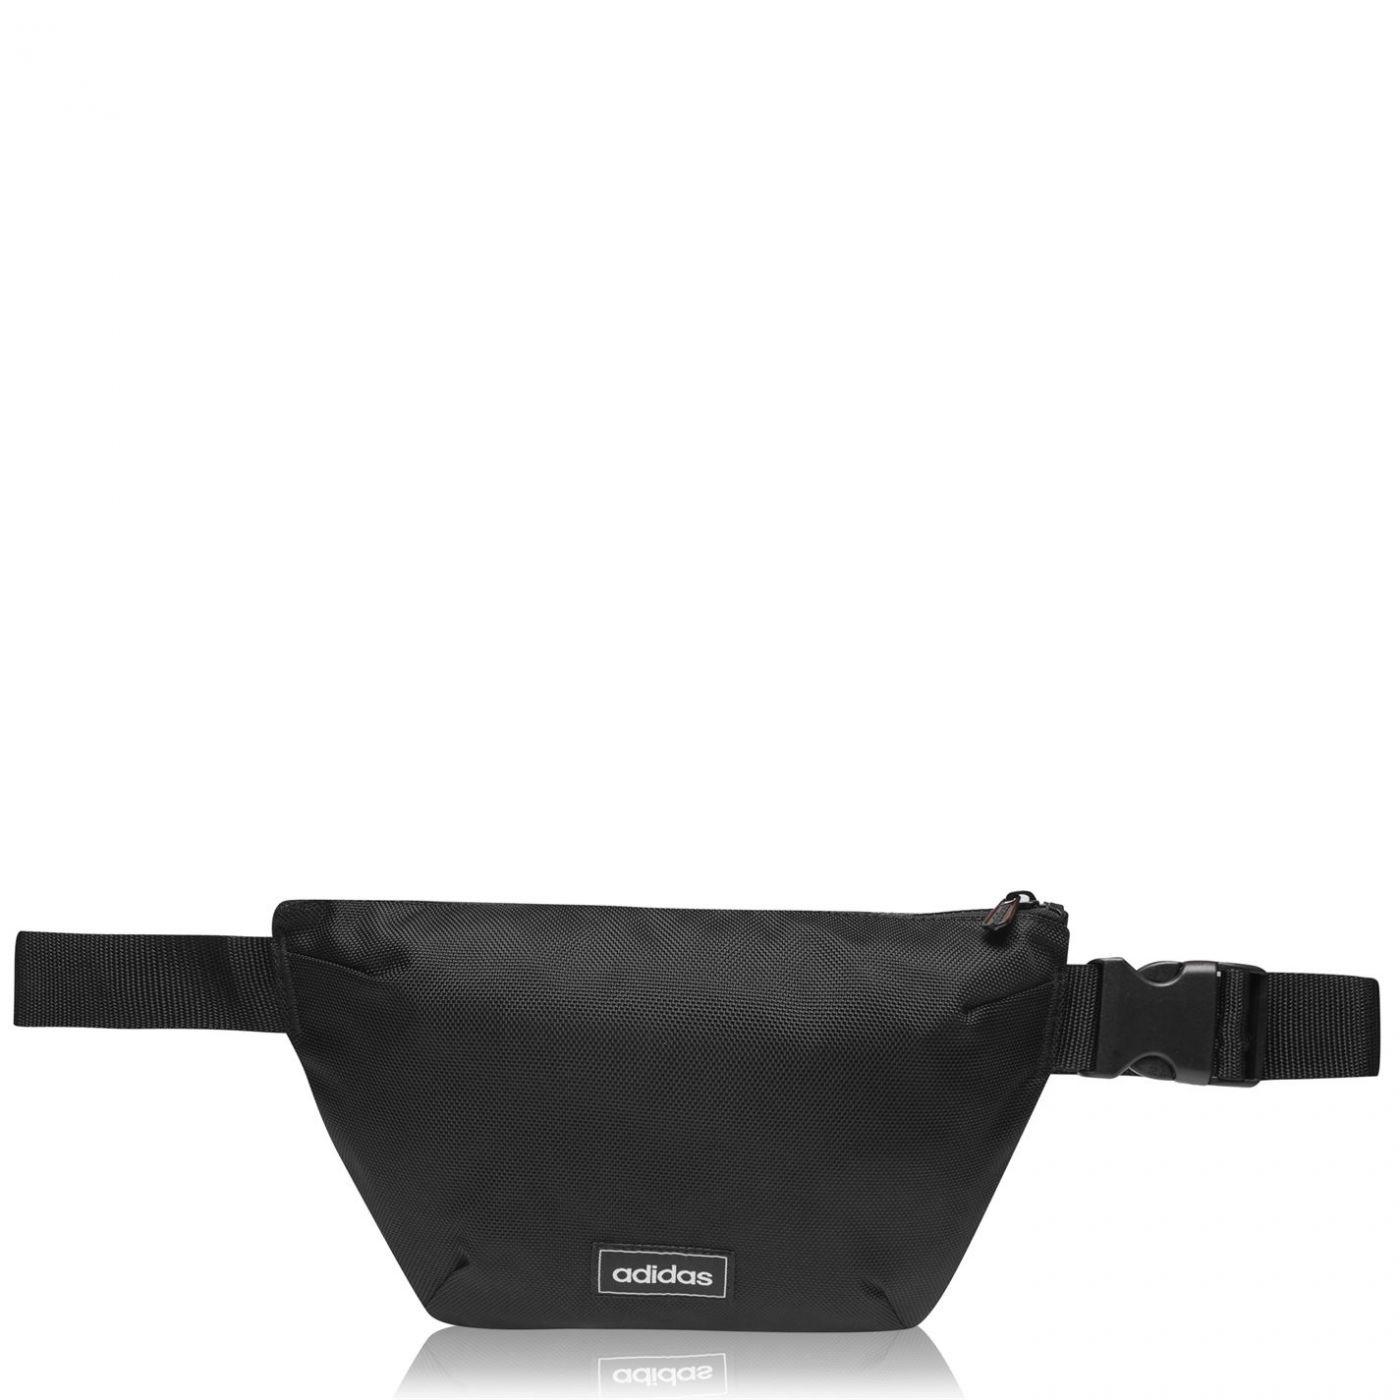 Adidas Waistbag 02